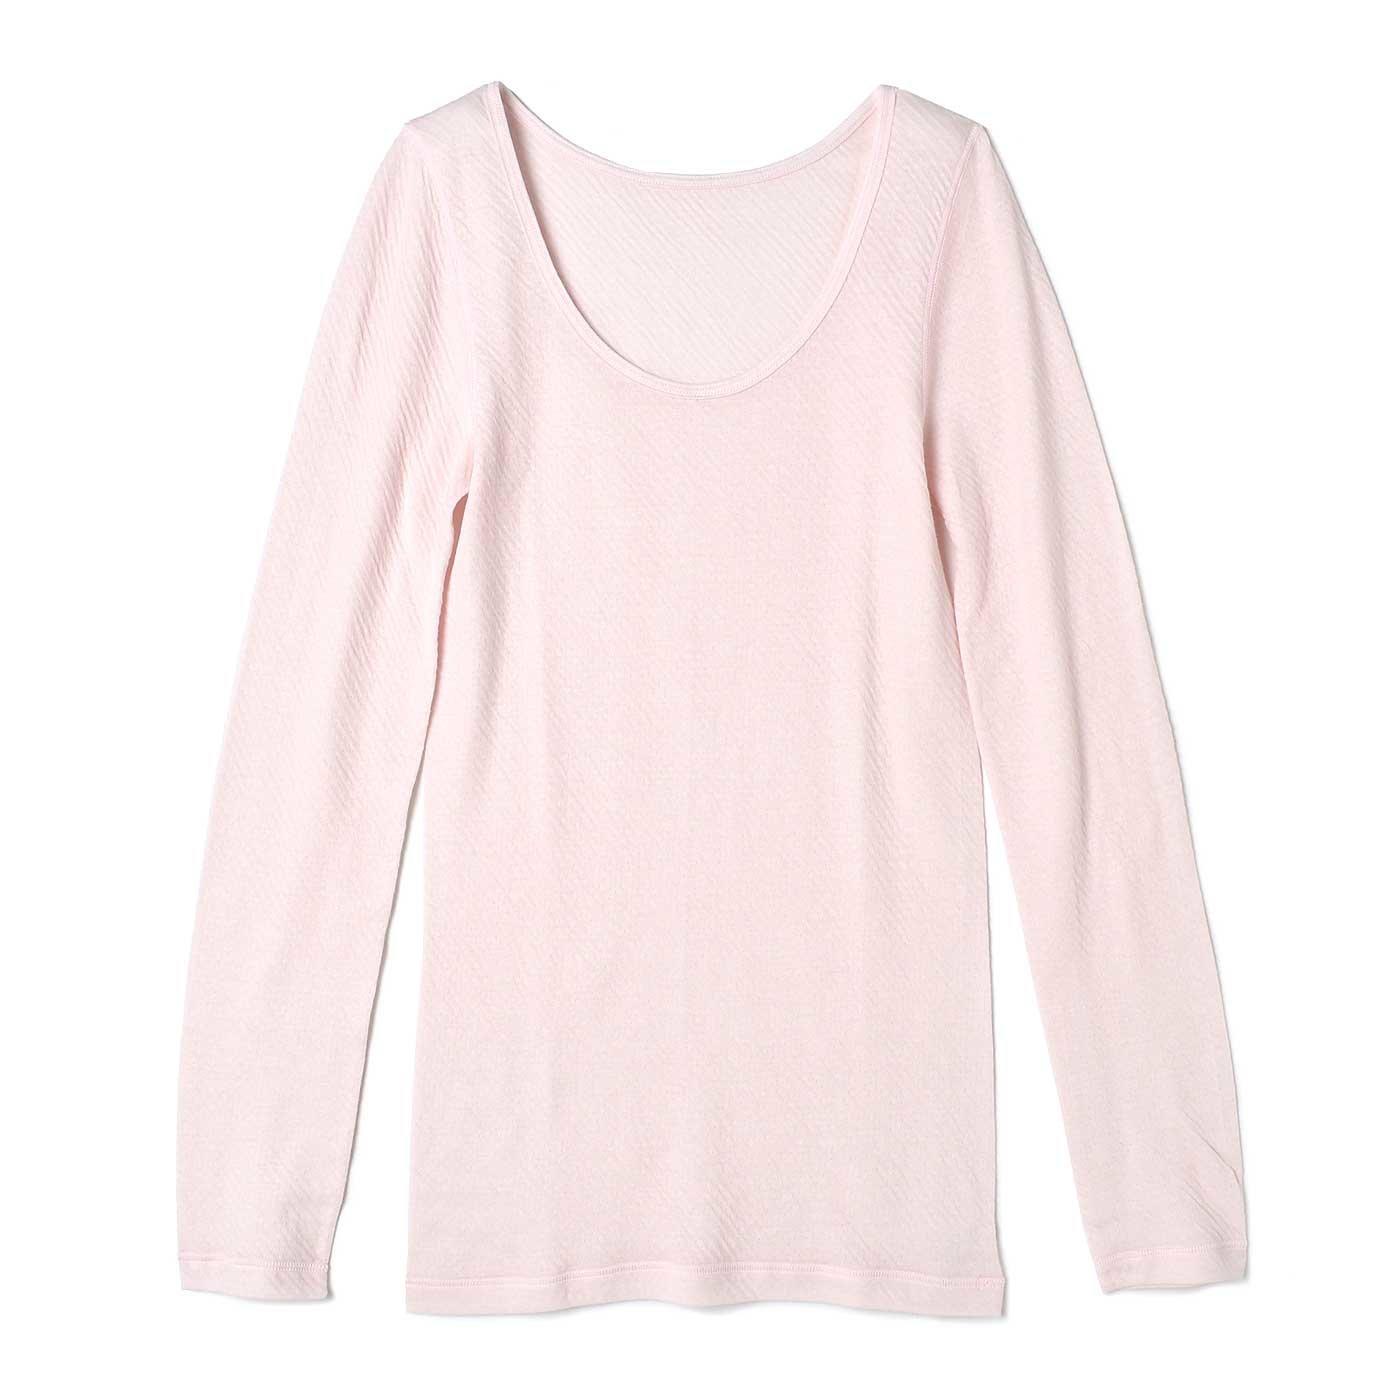 とことんやさしい肌当たり! ガーゼライクな綿100%ふわふわインナー〈長袖〉〈ピンク〉